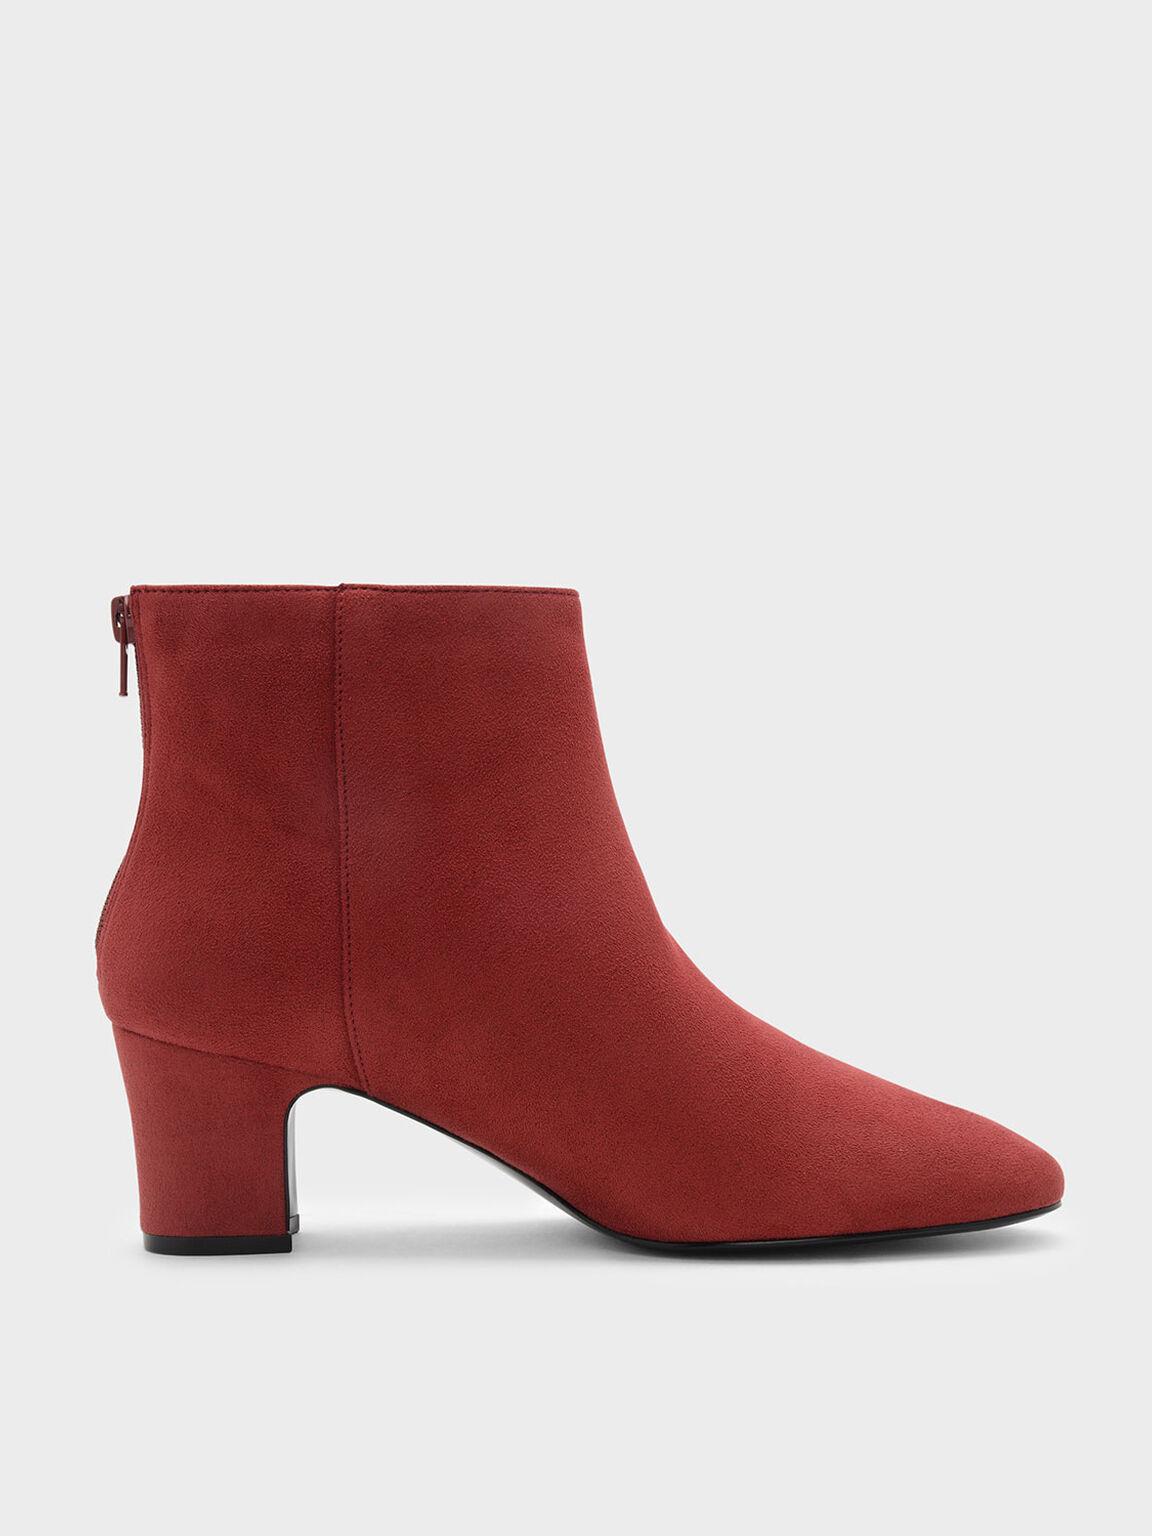 Classic Block Heel Boots, Red, hi-res